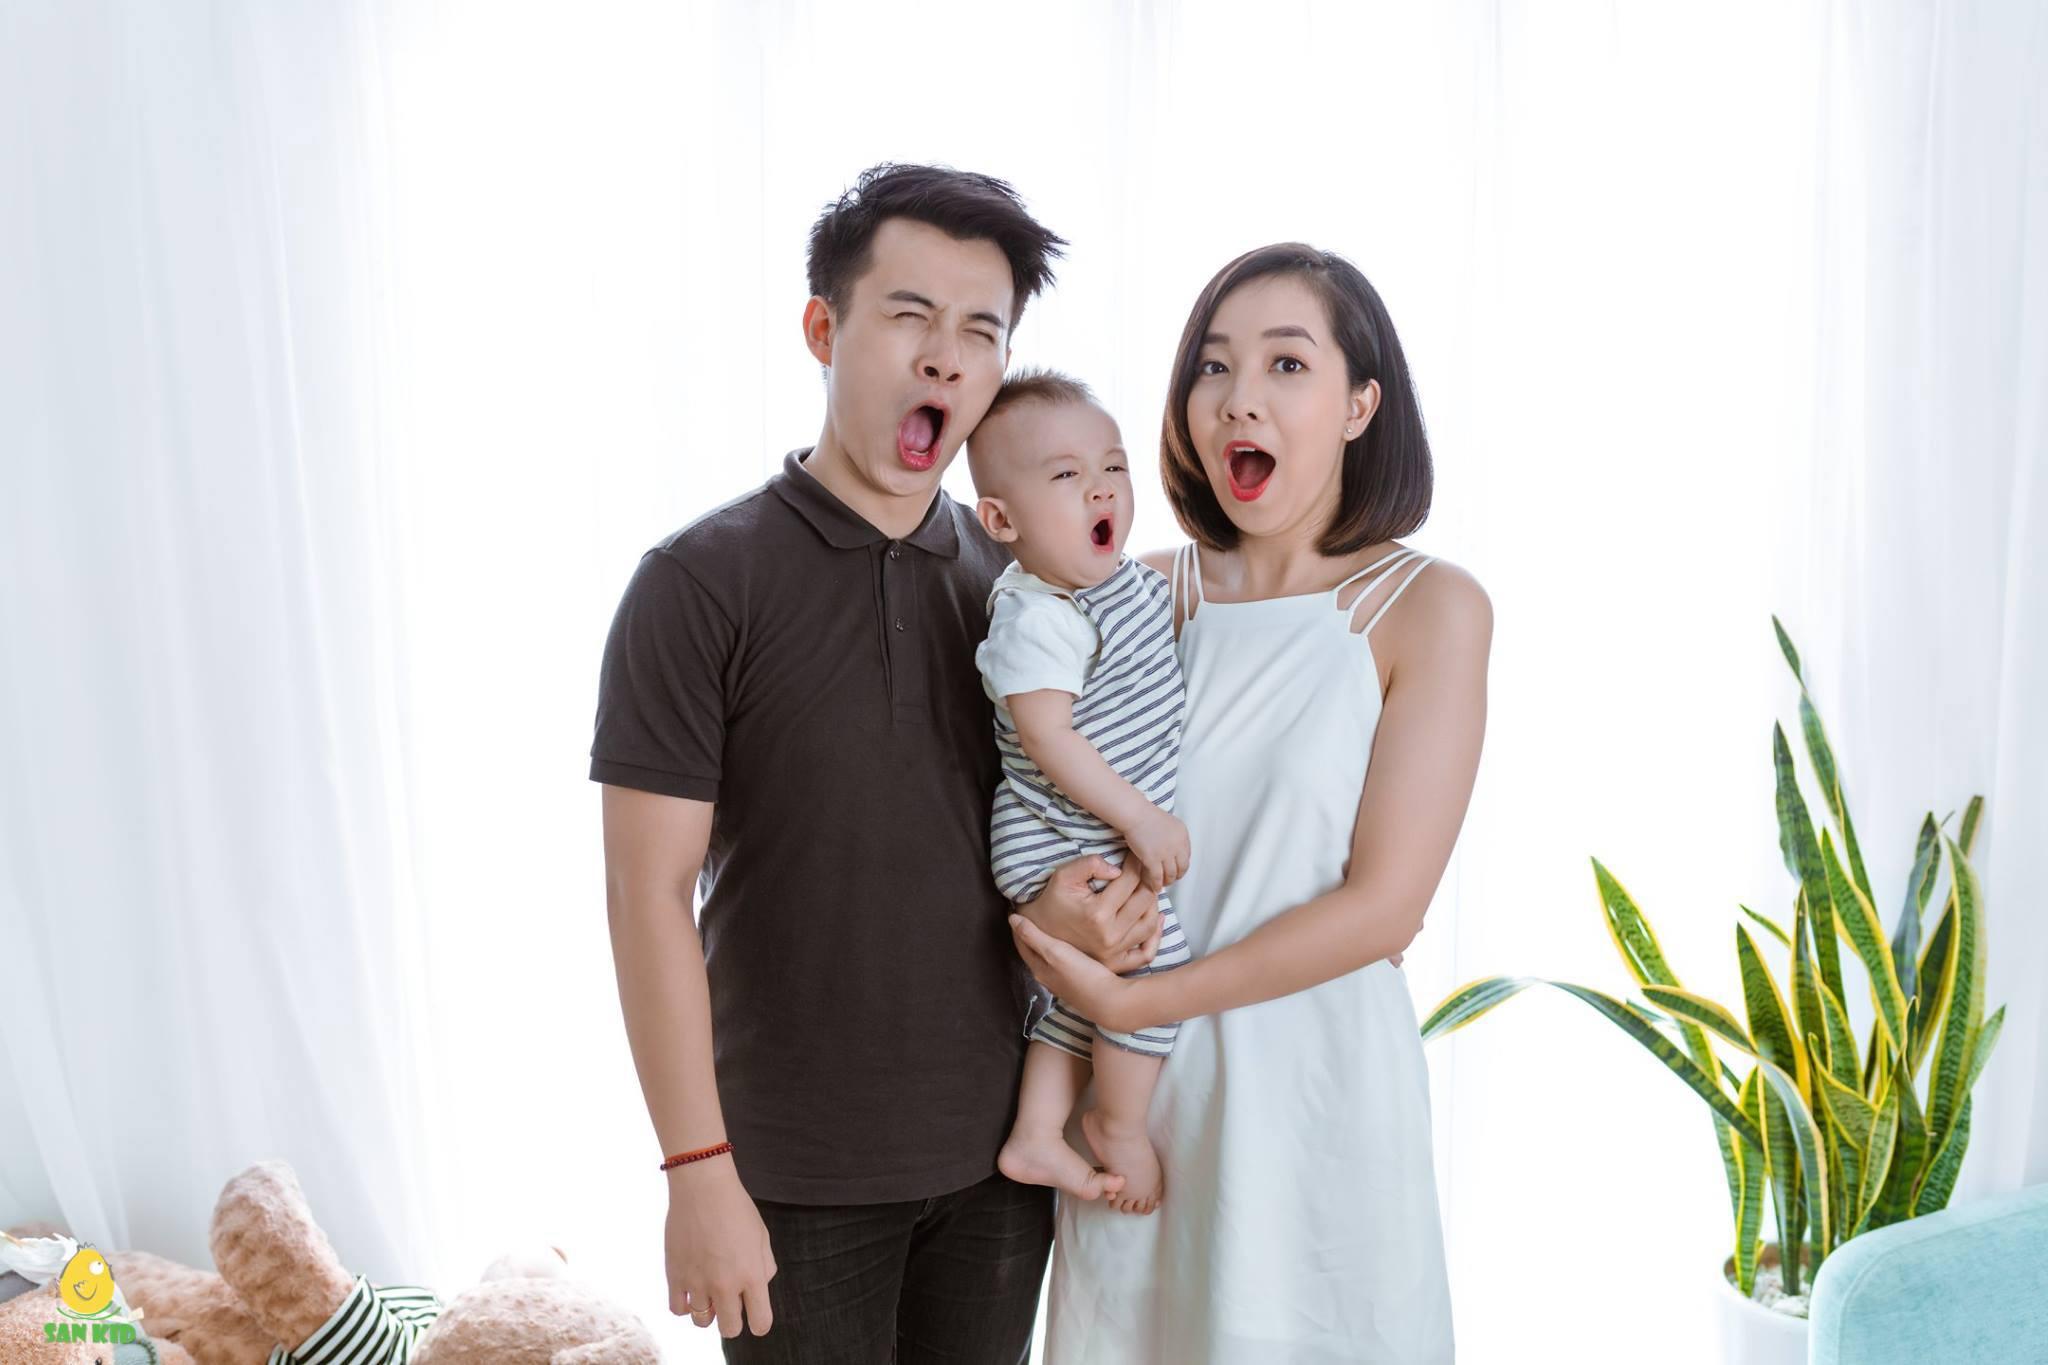 Chụp hình gia đình Hàn Quốc với biểu cảm đáng yêu